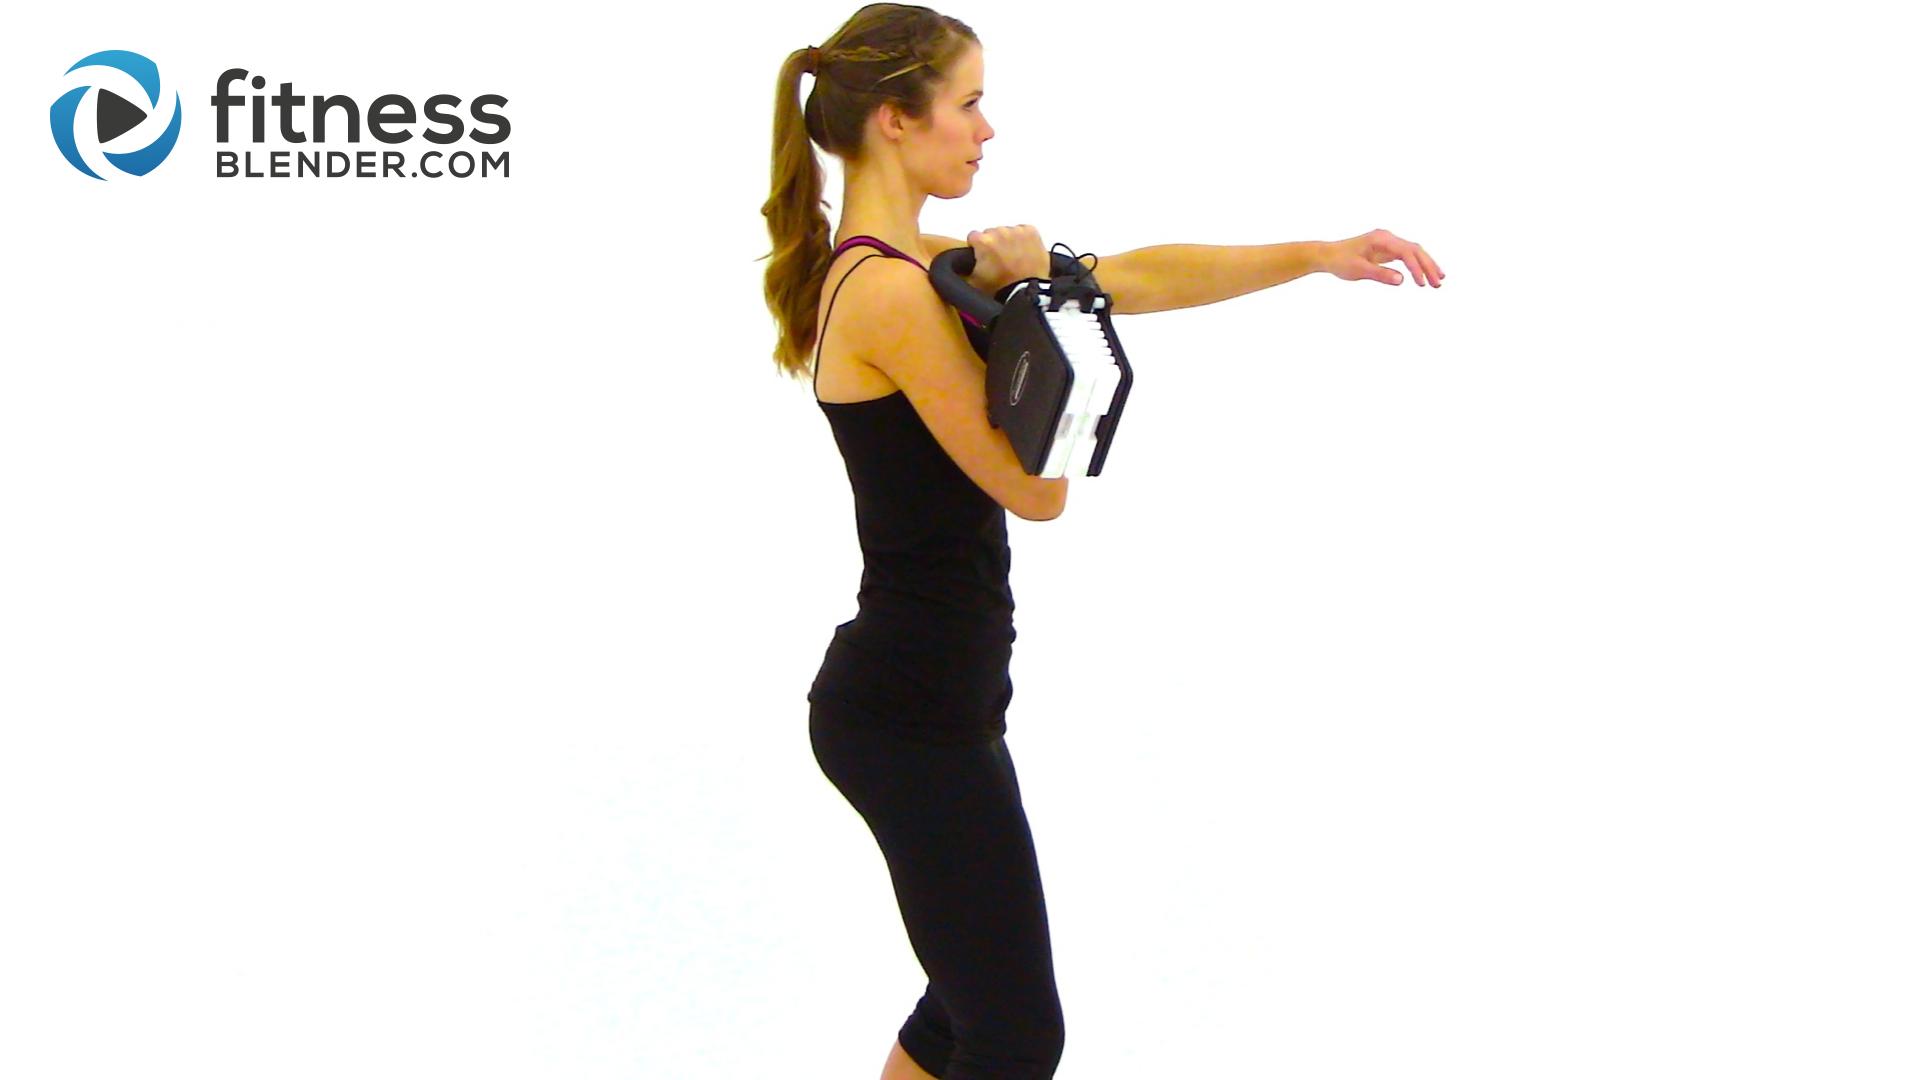 Beginner Kettlebell Workout - Kells Kettlebells Routine ...